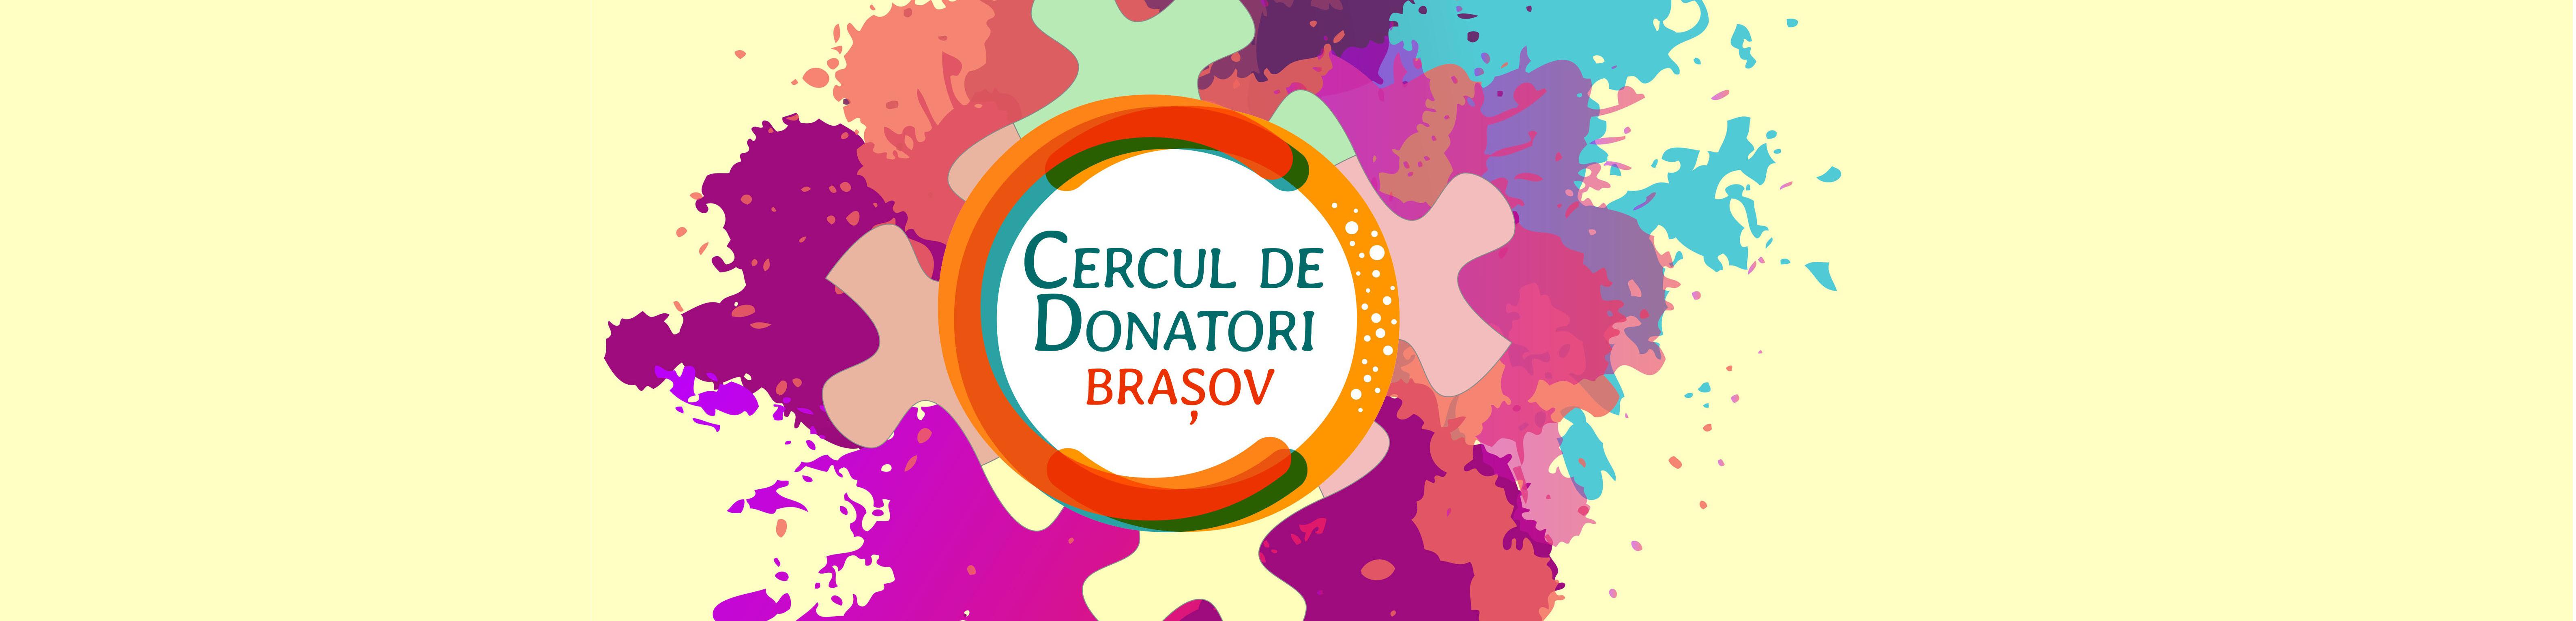 cercul-de-donatori-header